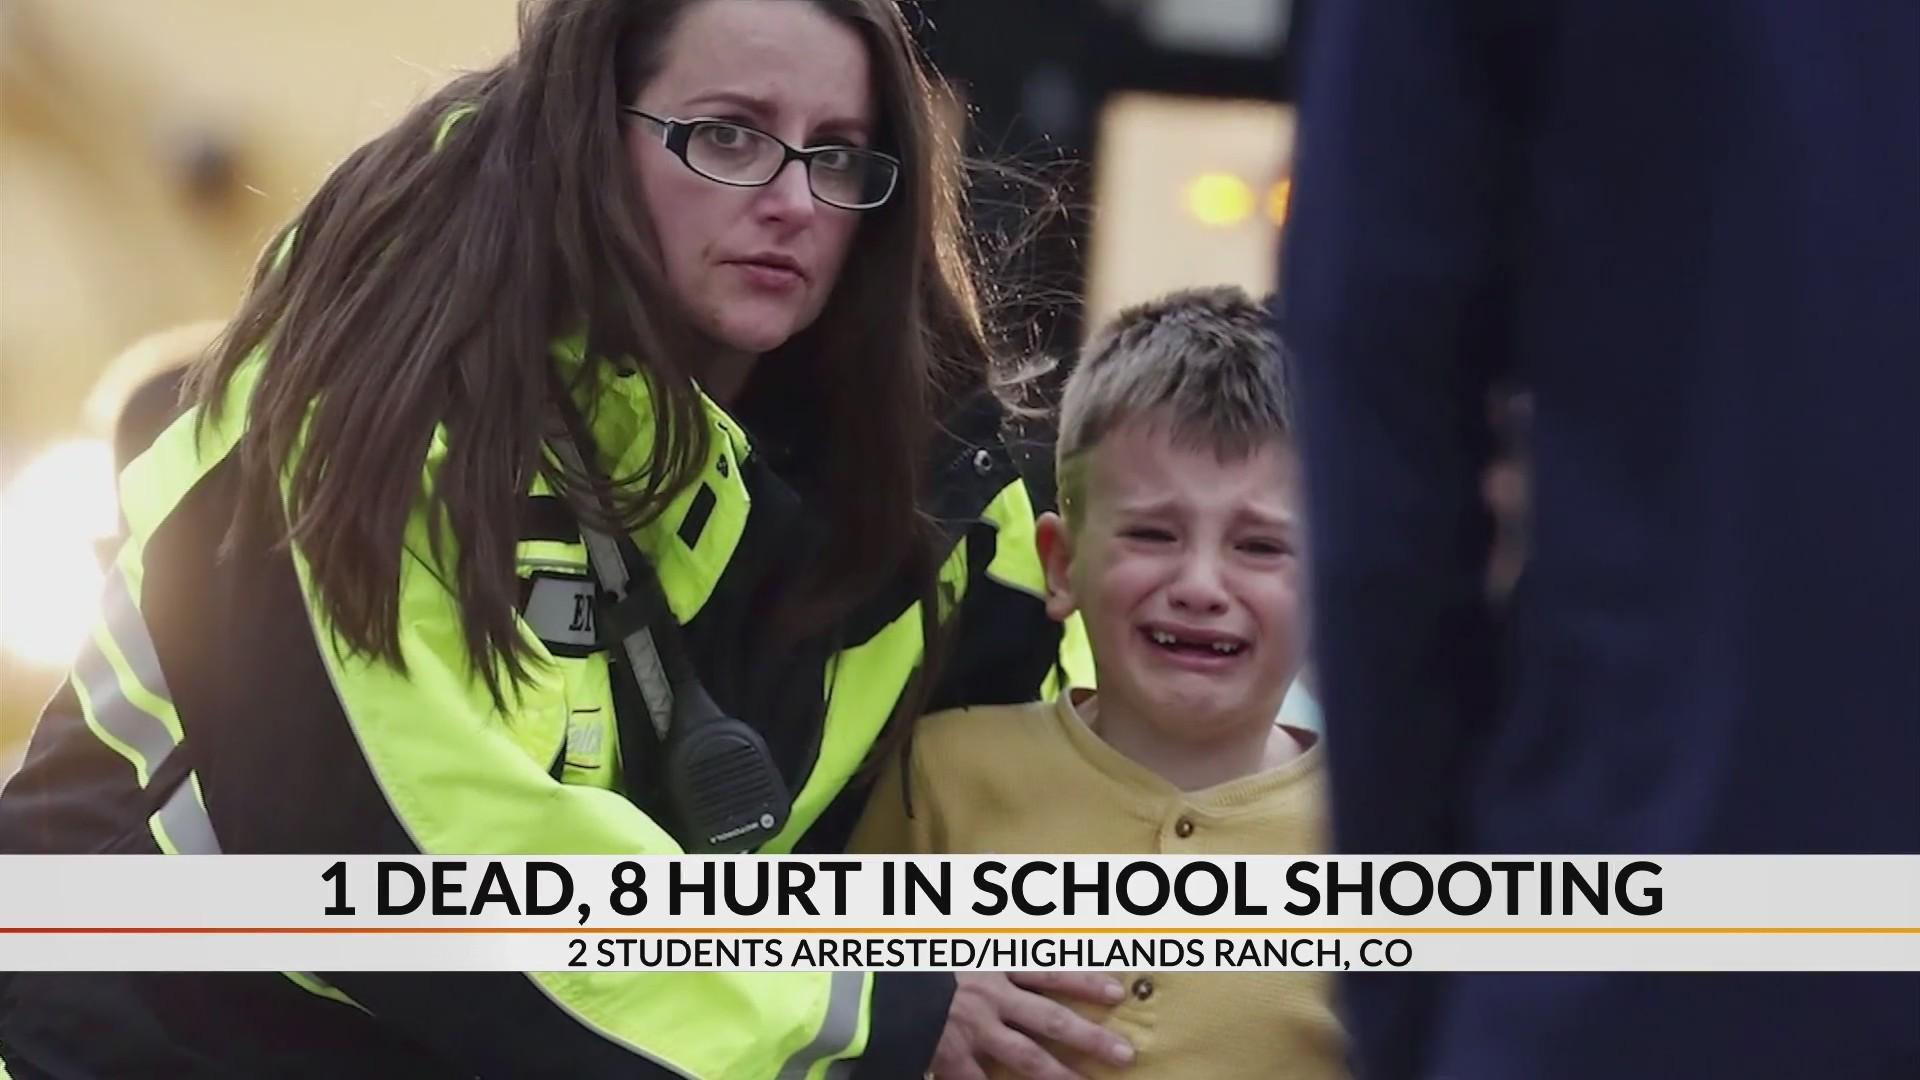 1_dead__8_hurt_in_school_shooting_0_20190508092516